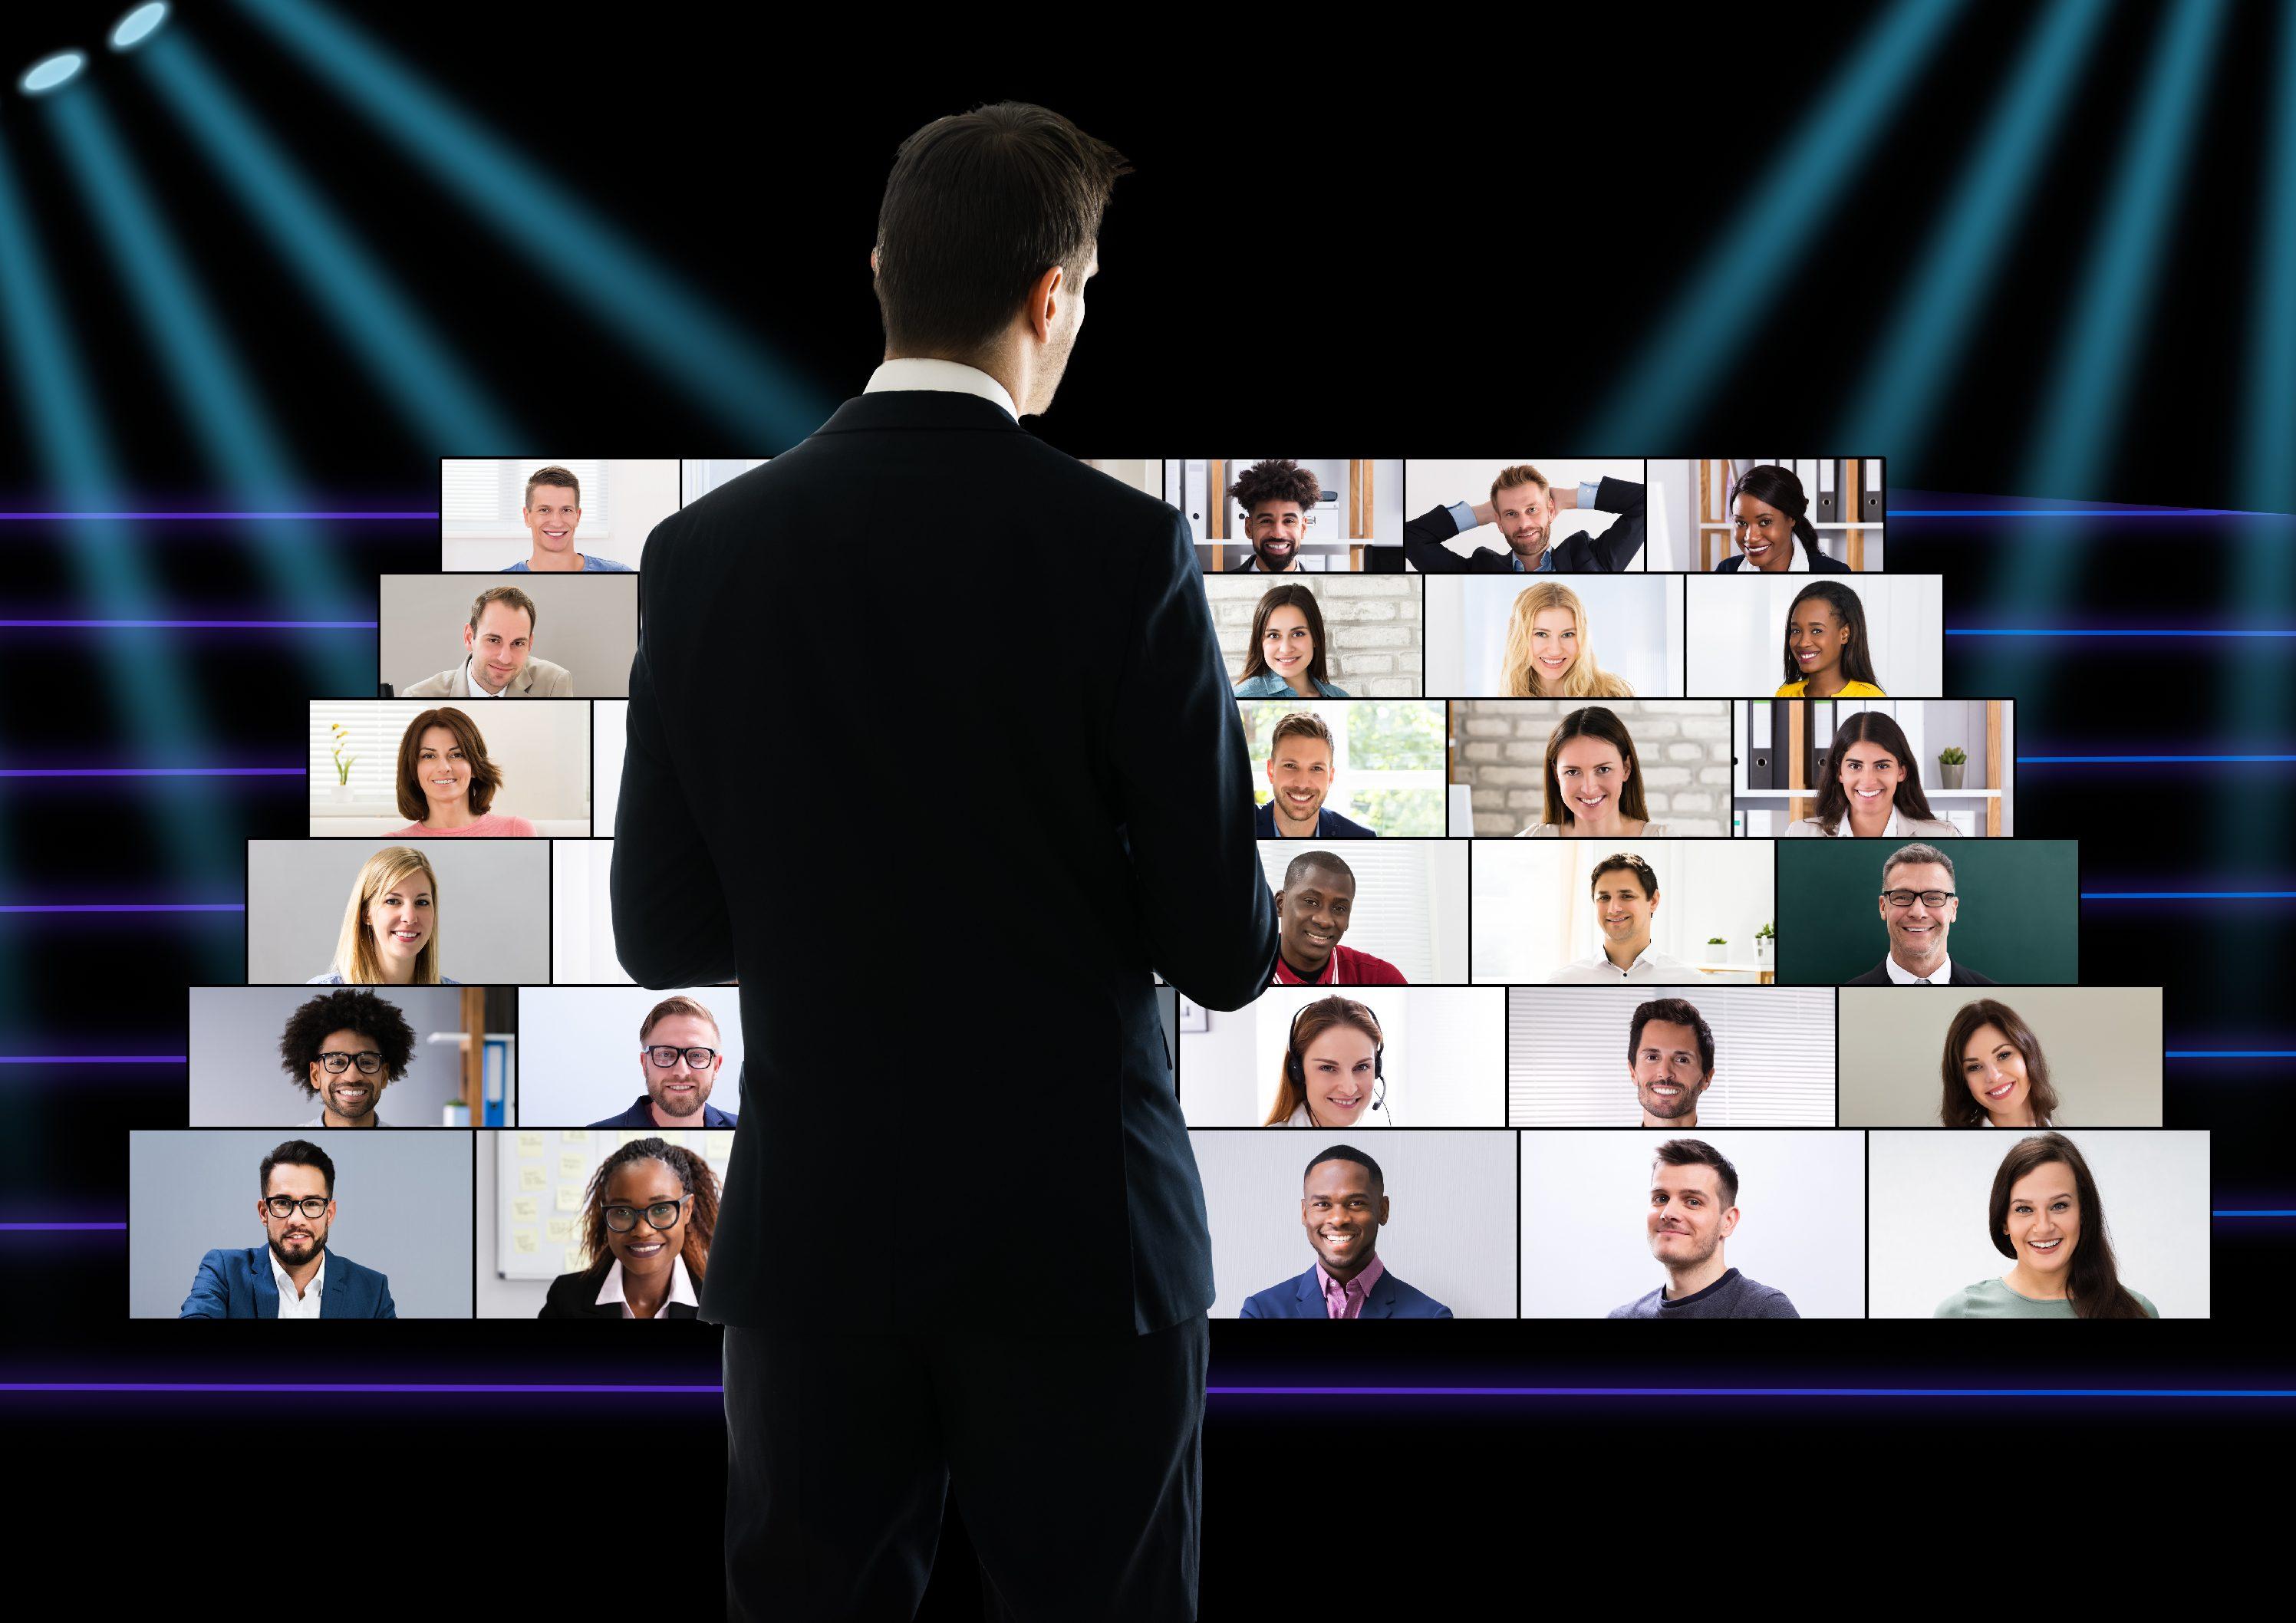 Quelle plateforme choisir pour un évènement virtuel ?